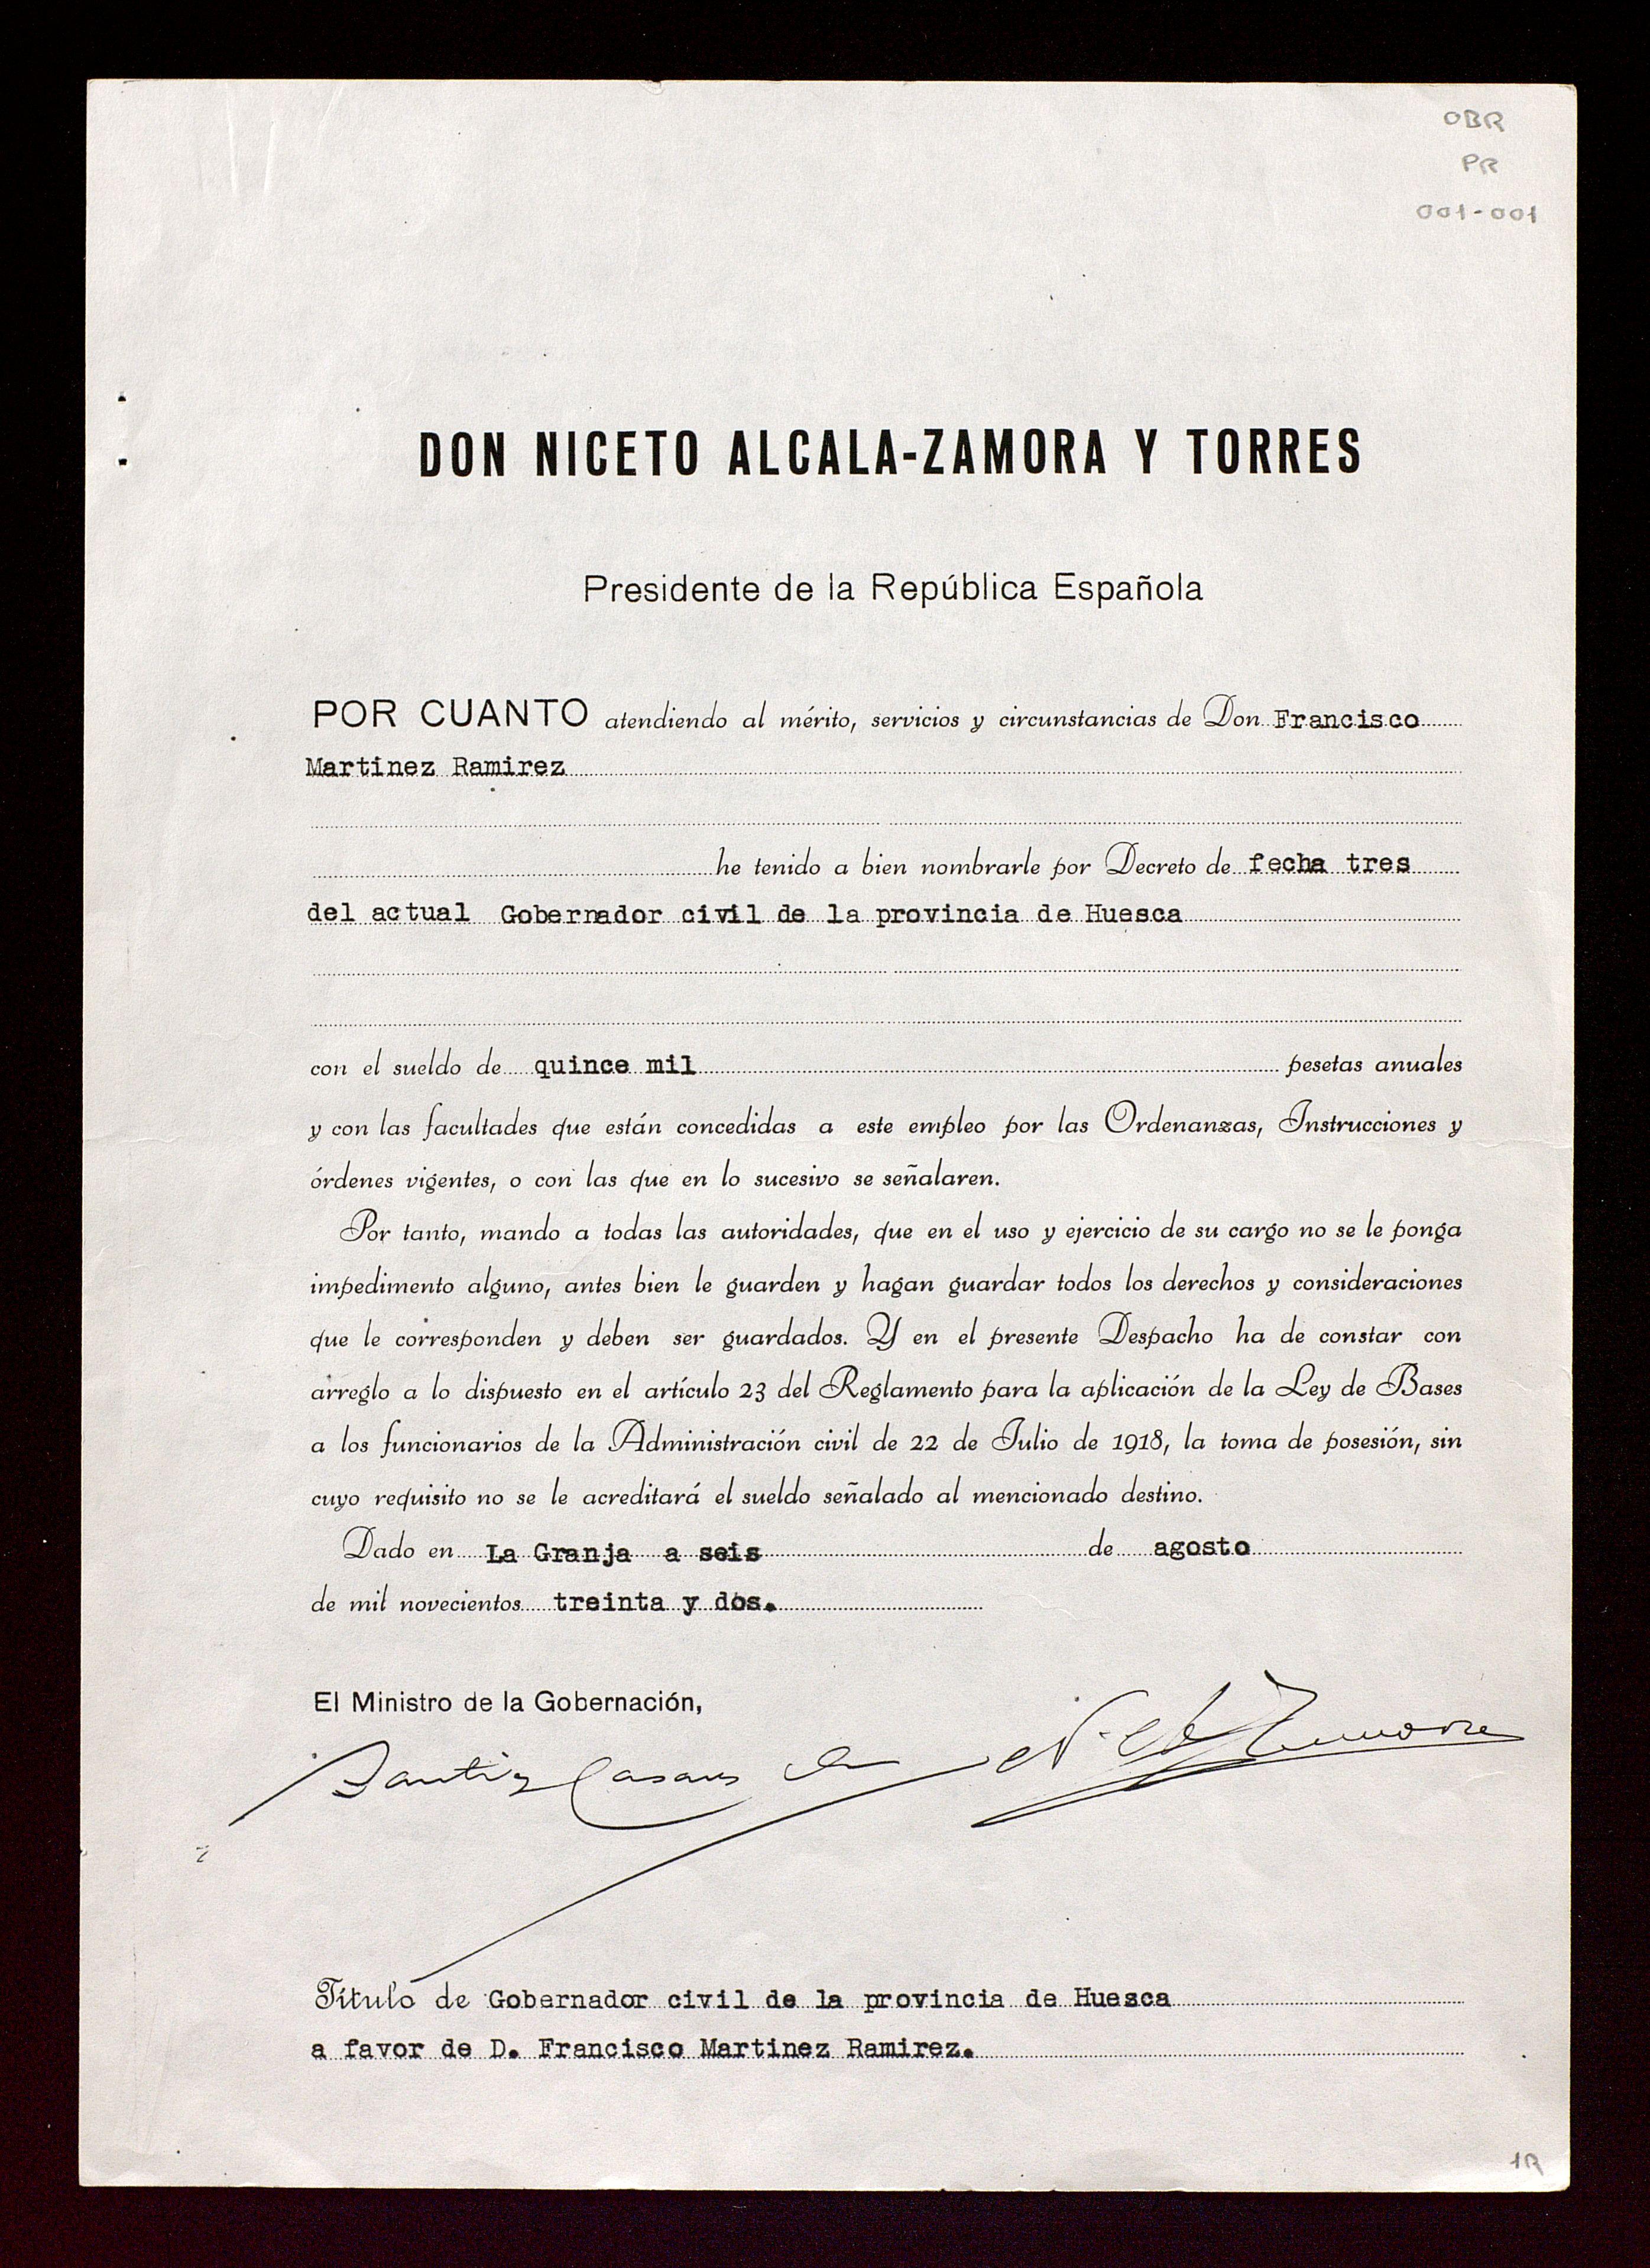 Expediente personal de Francisco Martínez Ramírez de su etapa como Gobernador